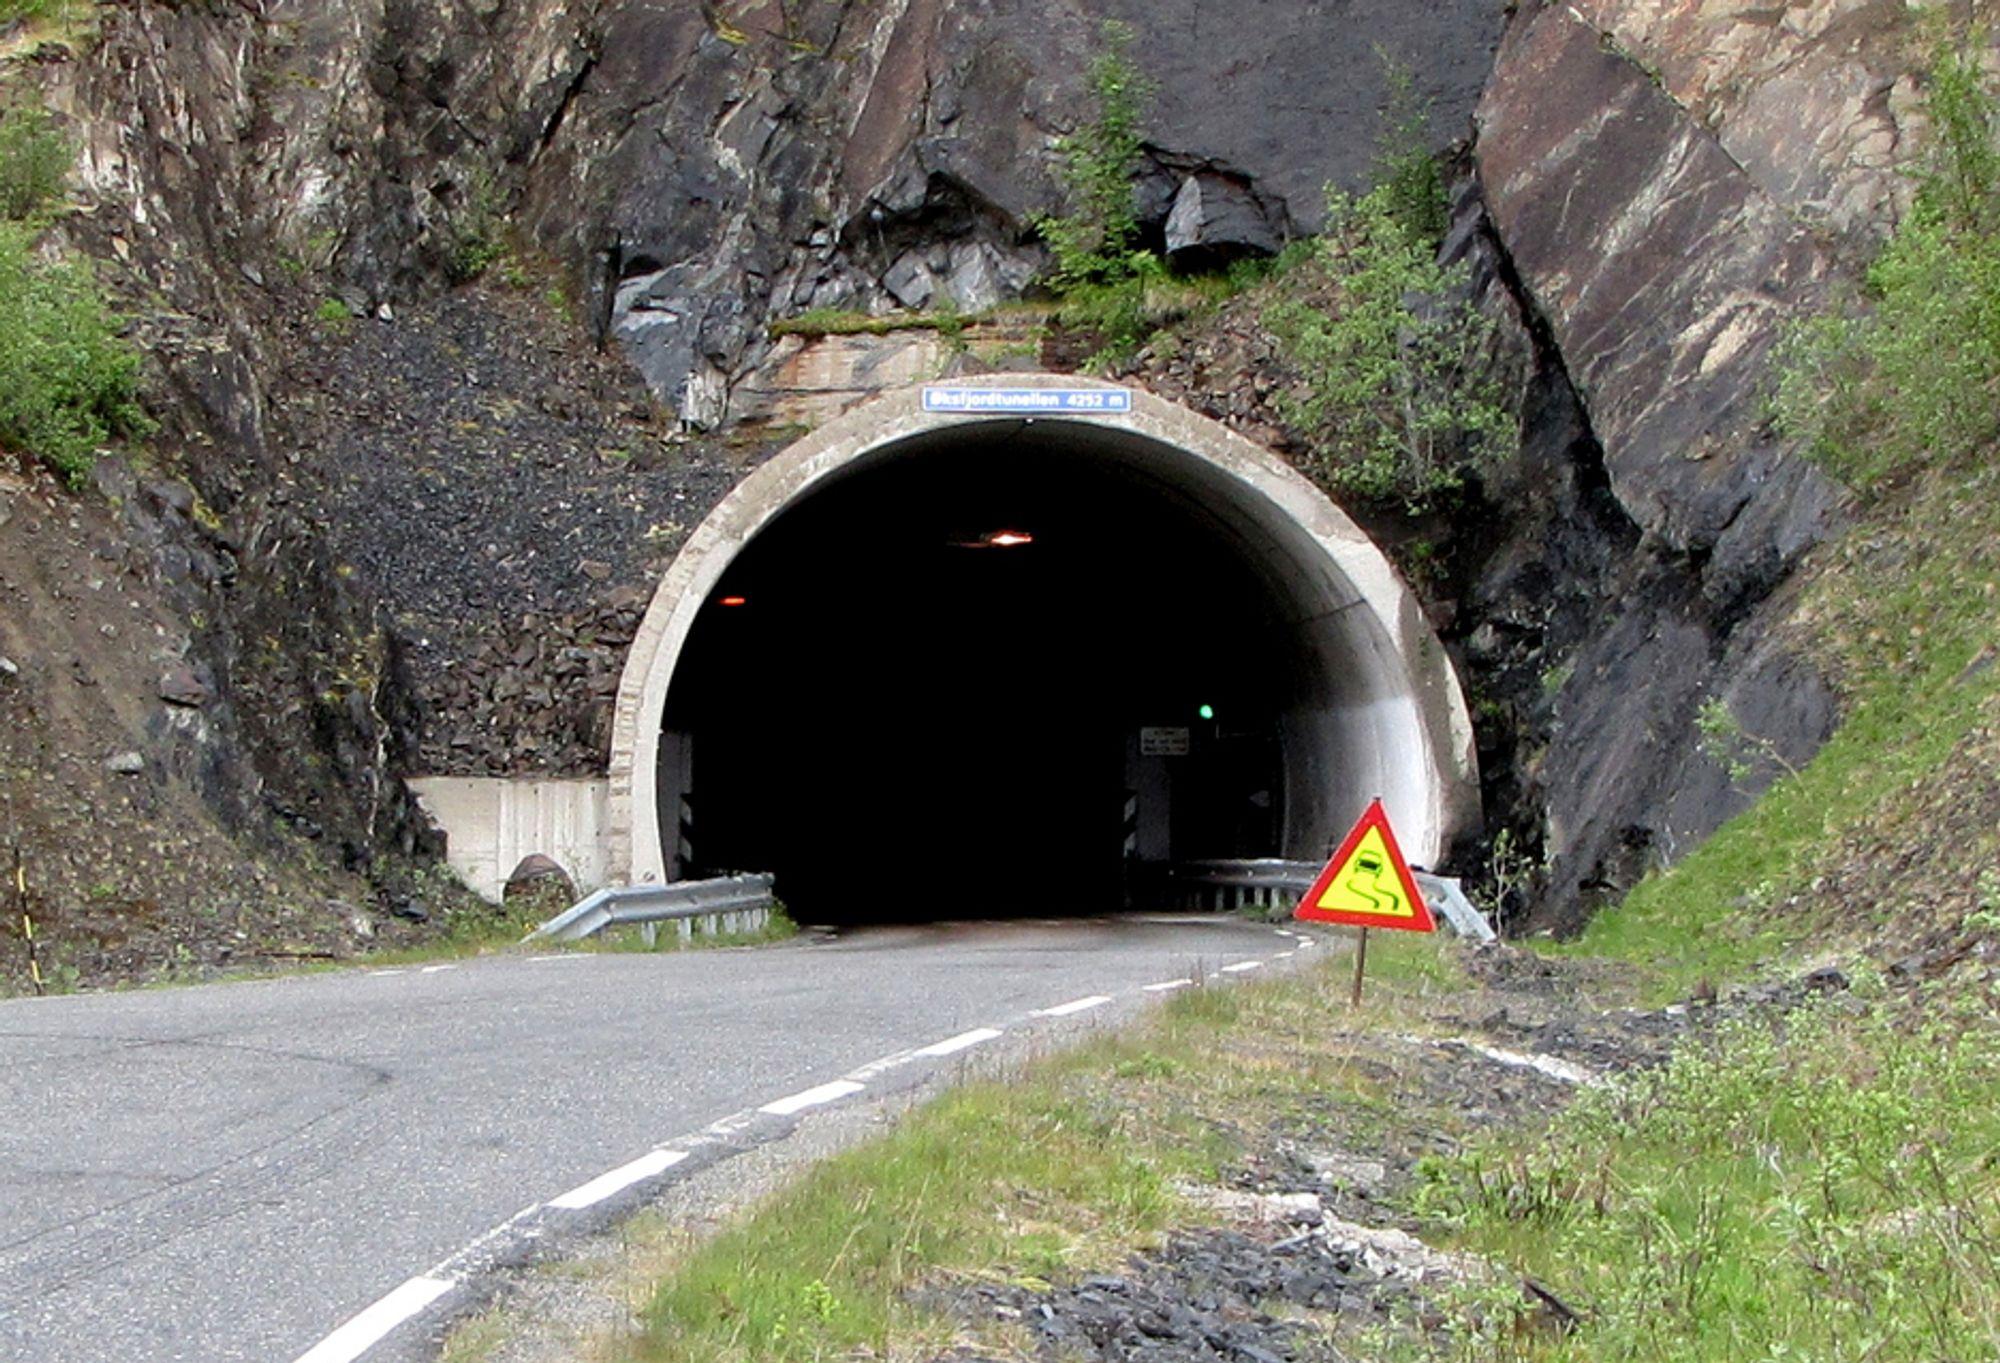 Øksfjordtunnelen skal utvides og sikres mot frost. Leohard Nilsen & Sønner fra Risøyhamn ligger godt an til å få den jobben. Bildet viser østre påhugg.